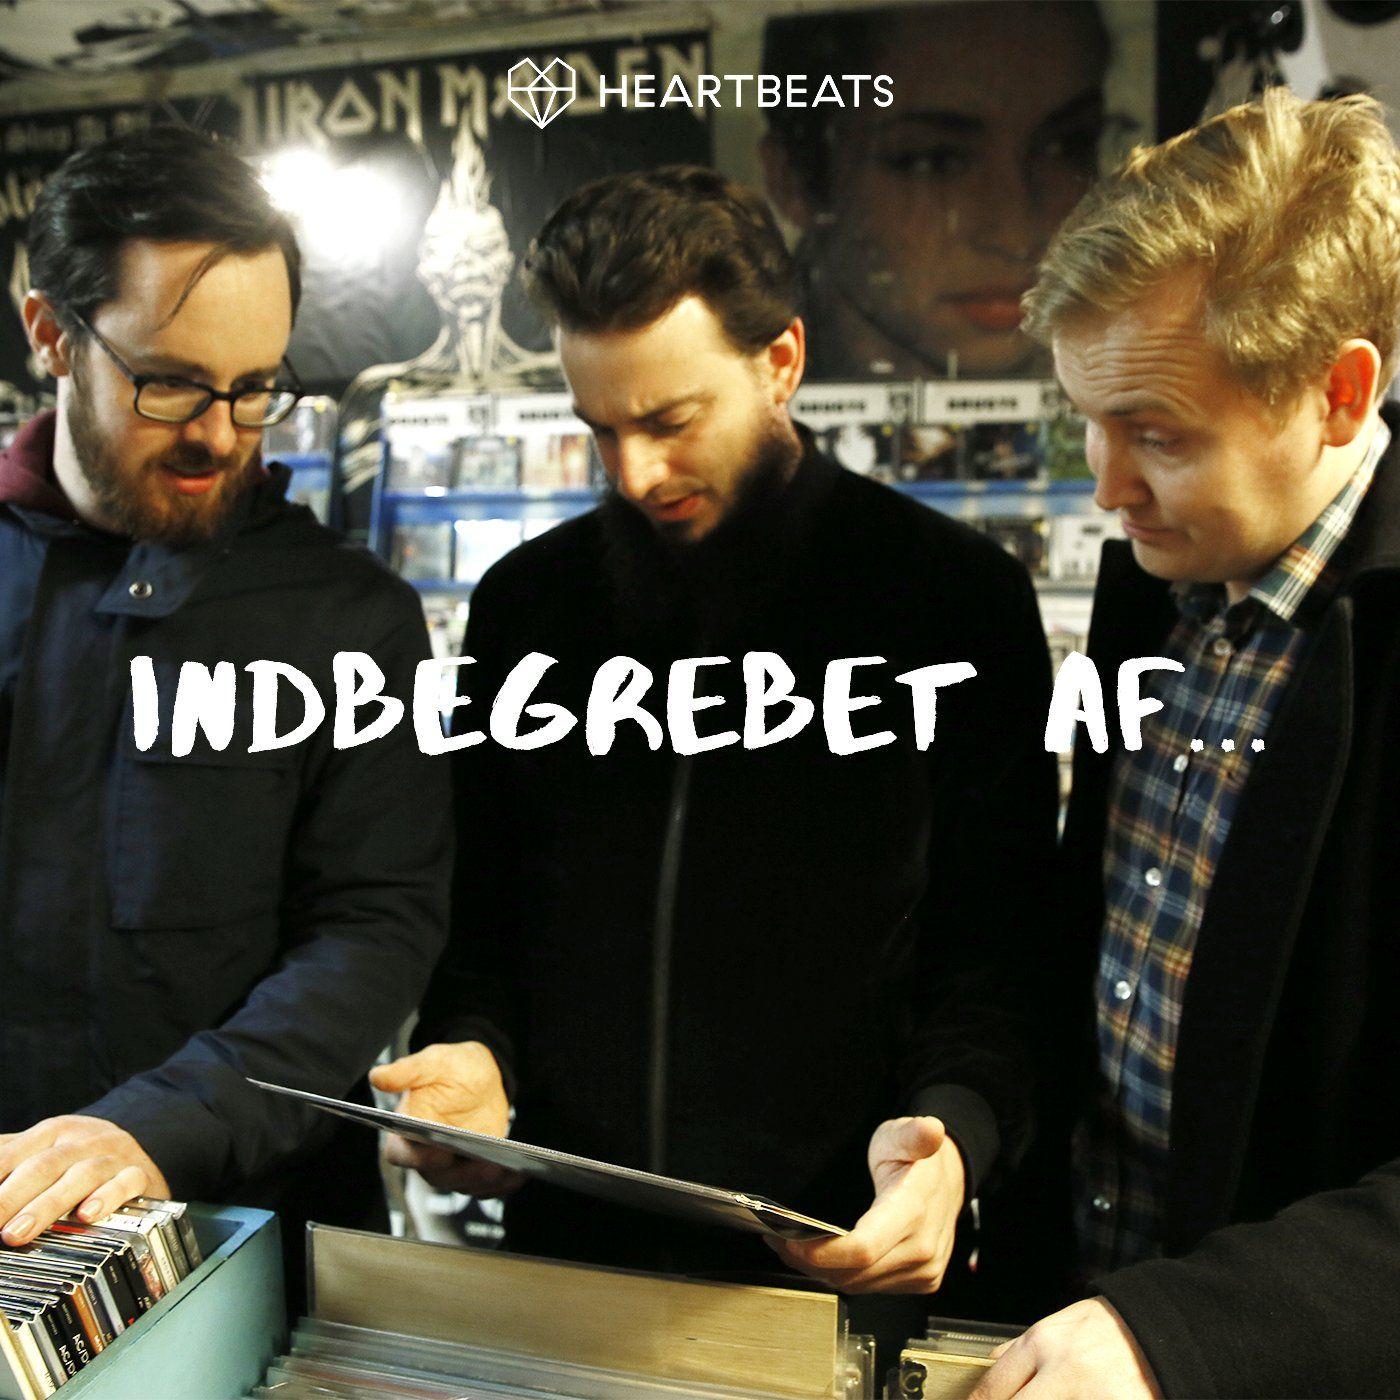 Indbegrebet af...:Heartbeats.dk